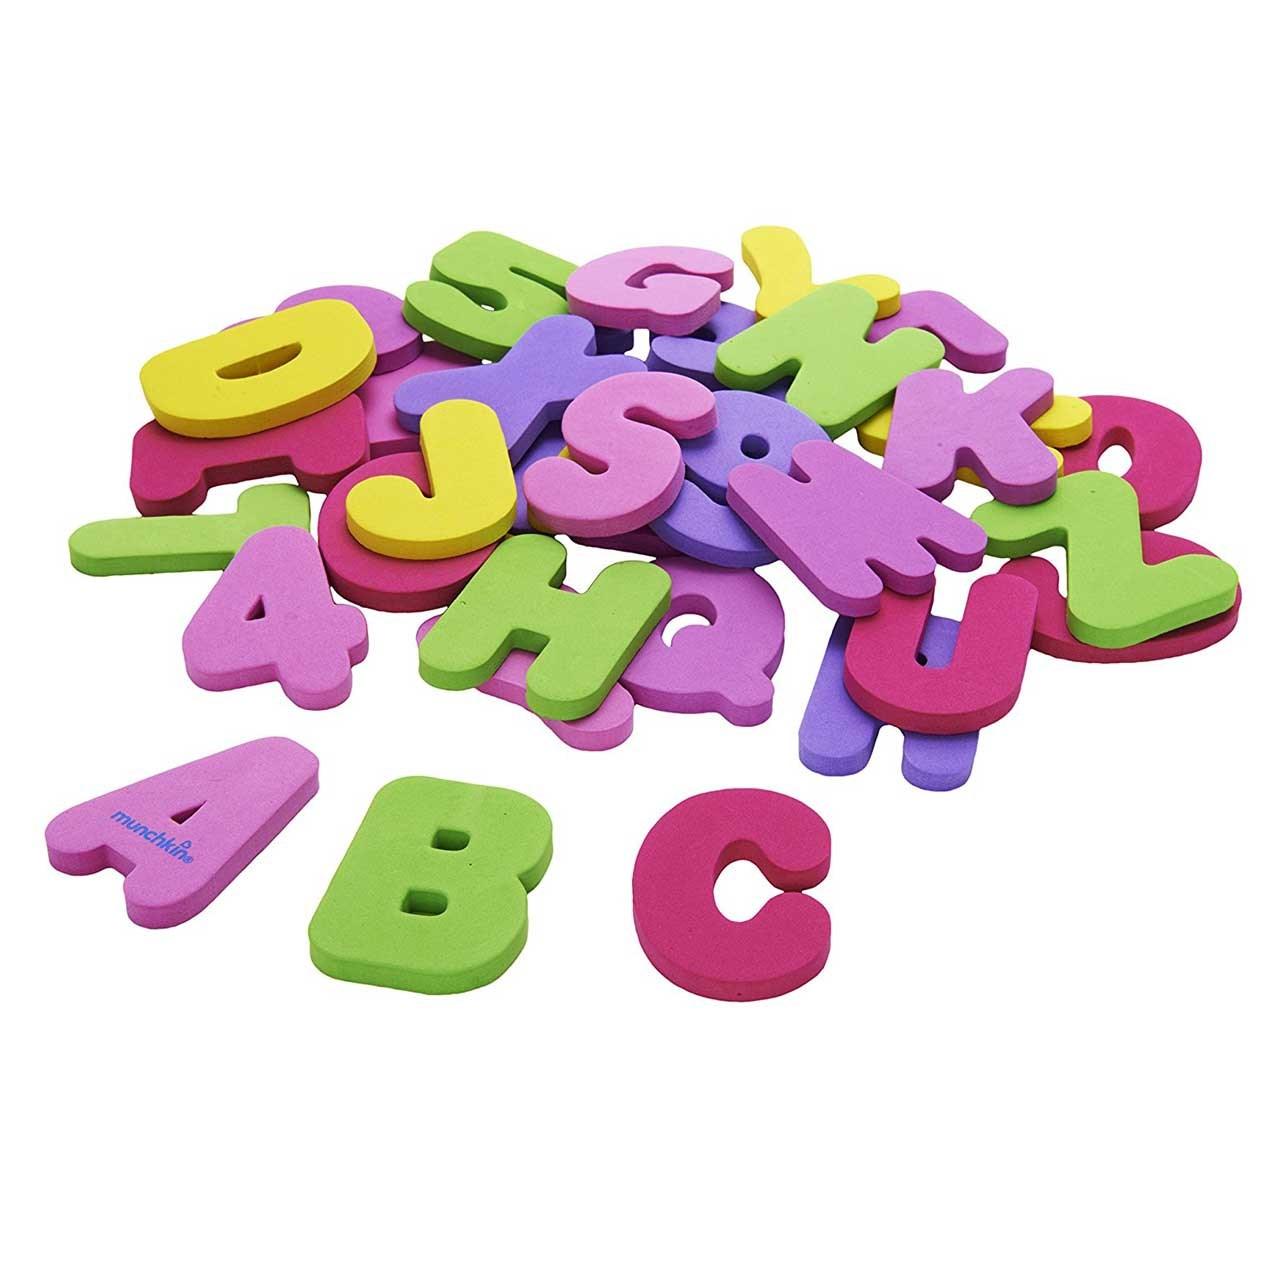 بازی آموزشی مانچکین مدل اعداد و حروف 11059